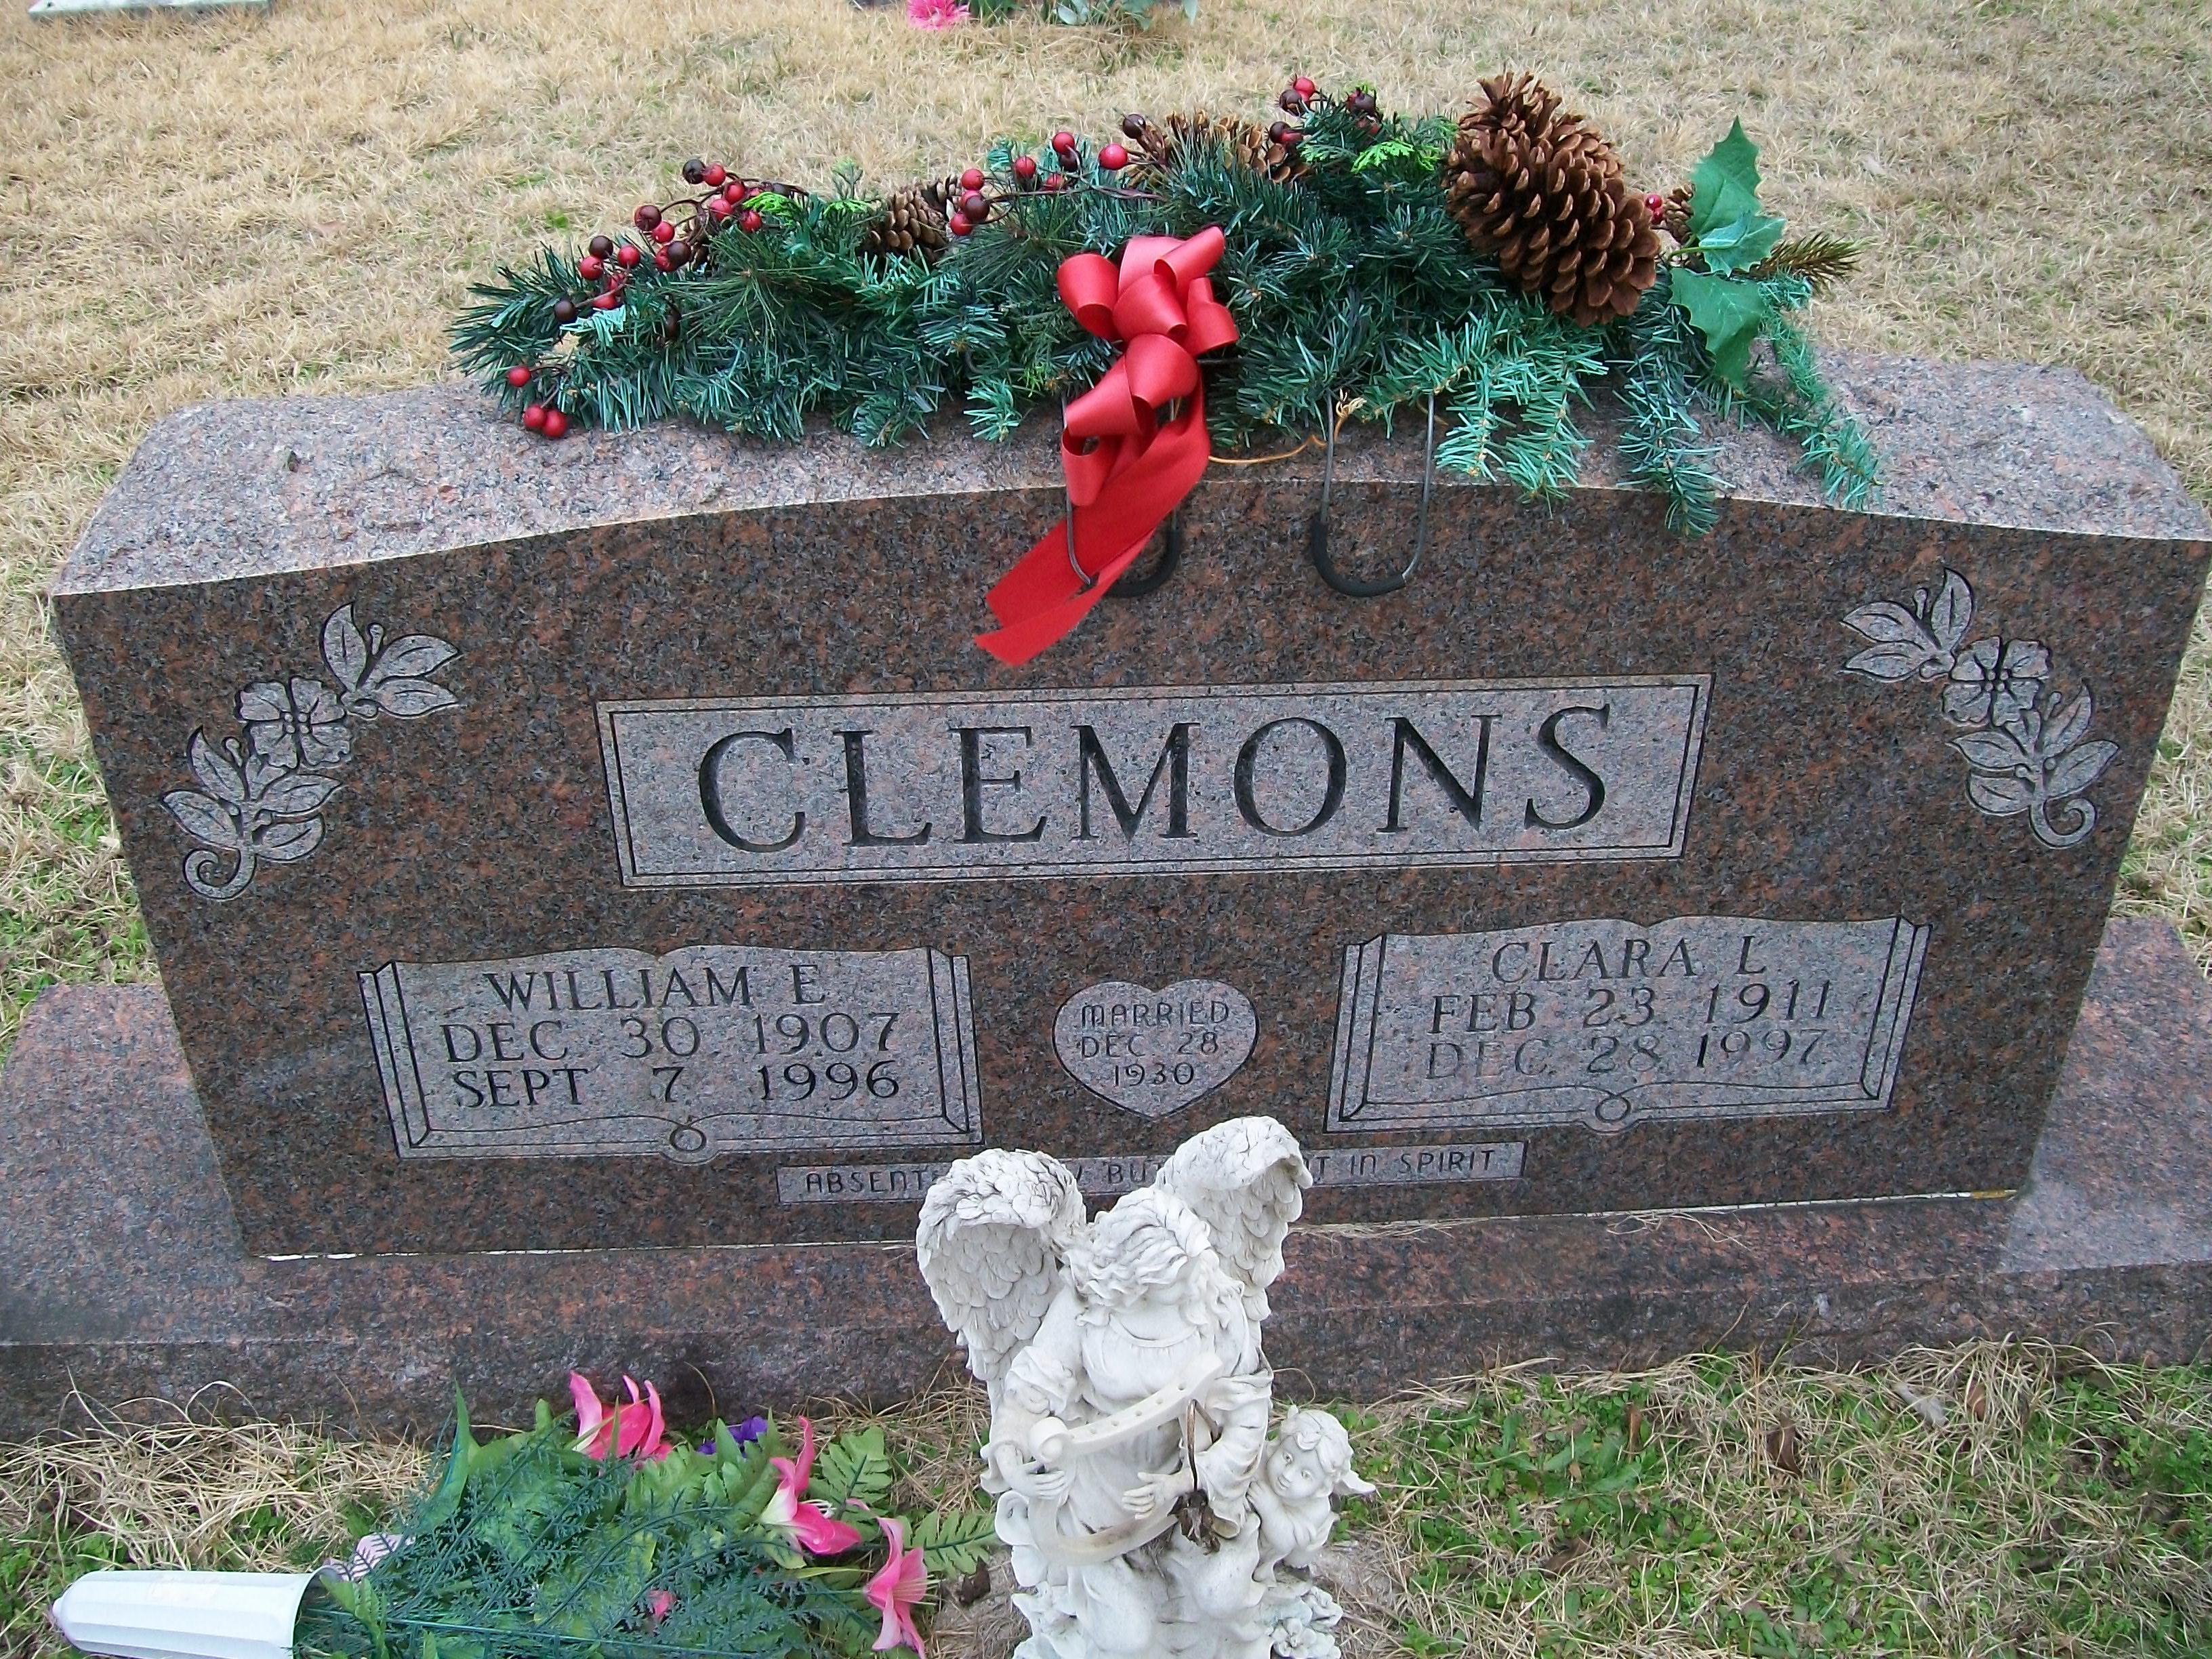 William Eugene Clemons